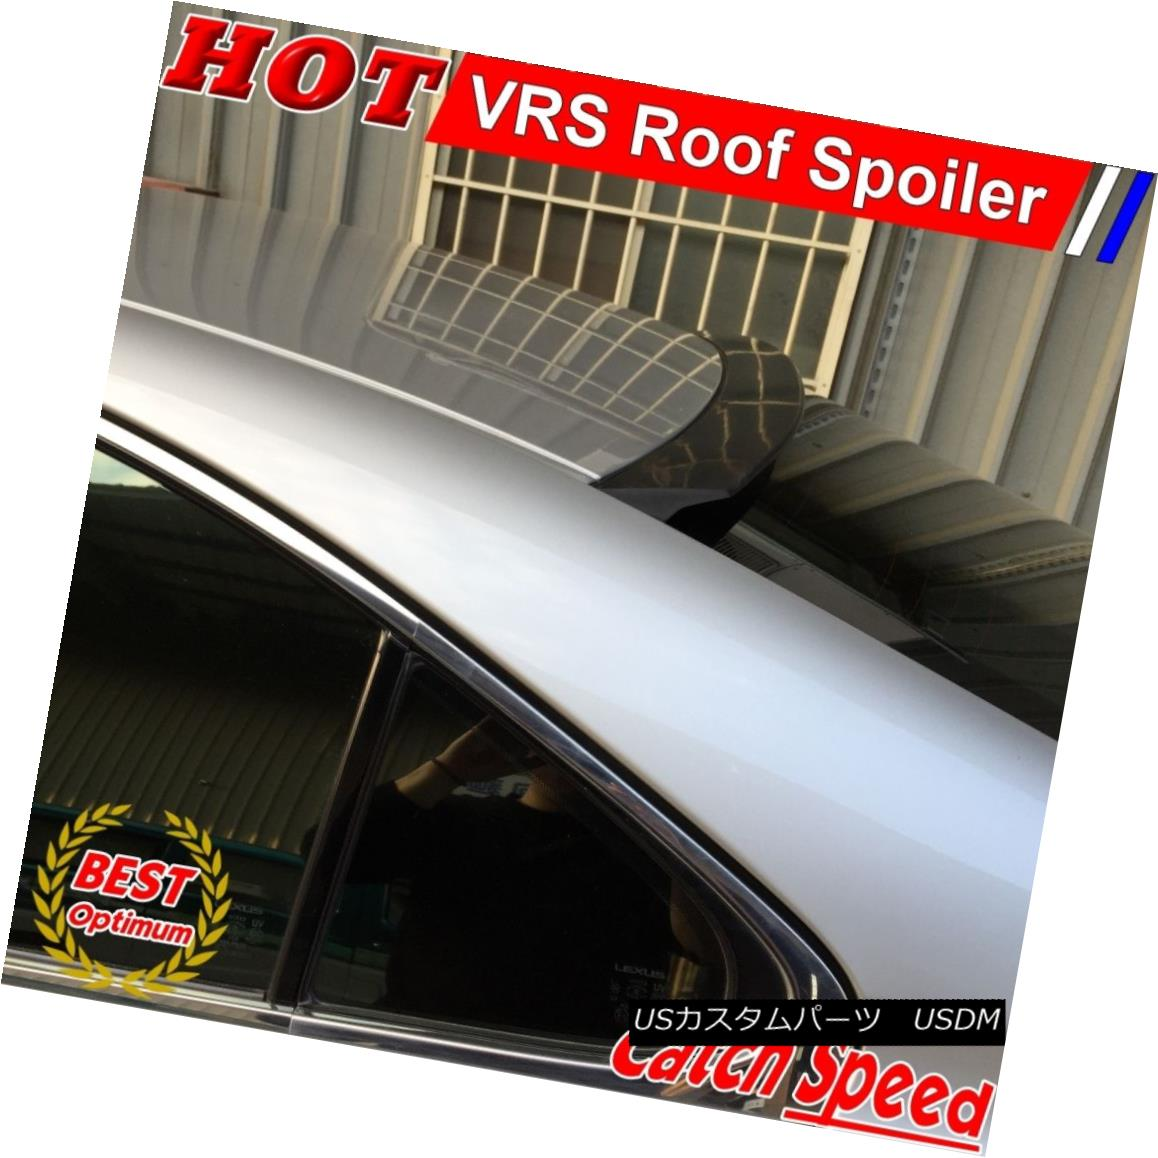 エアロパーツ Flat Black VRS Type Rear Roof Spoiler Window Wing For VOLVO S60 Sedan 2001-2005 VOLVO S60セダン2001-2005用フラットブラックVSタイプリアルーフスポイラーウイング